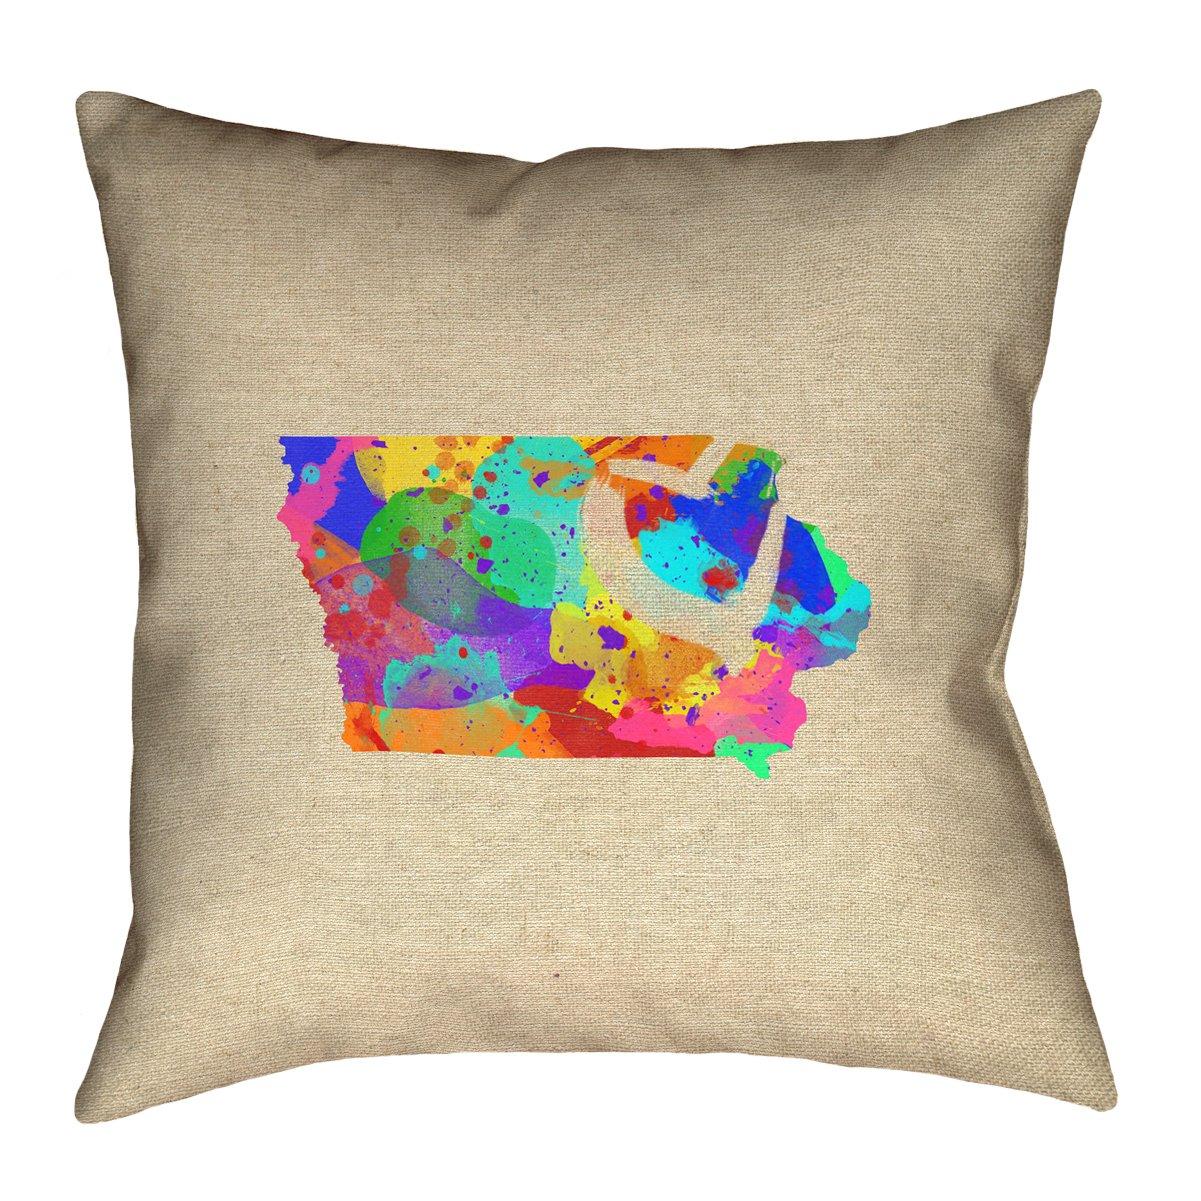 ArtVerse Katelyn Smith 16 x 16 Spun Polyester Hawaii Love Pillow